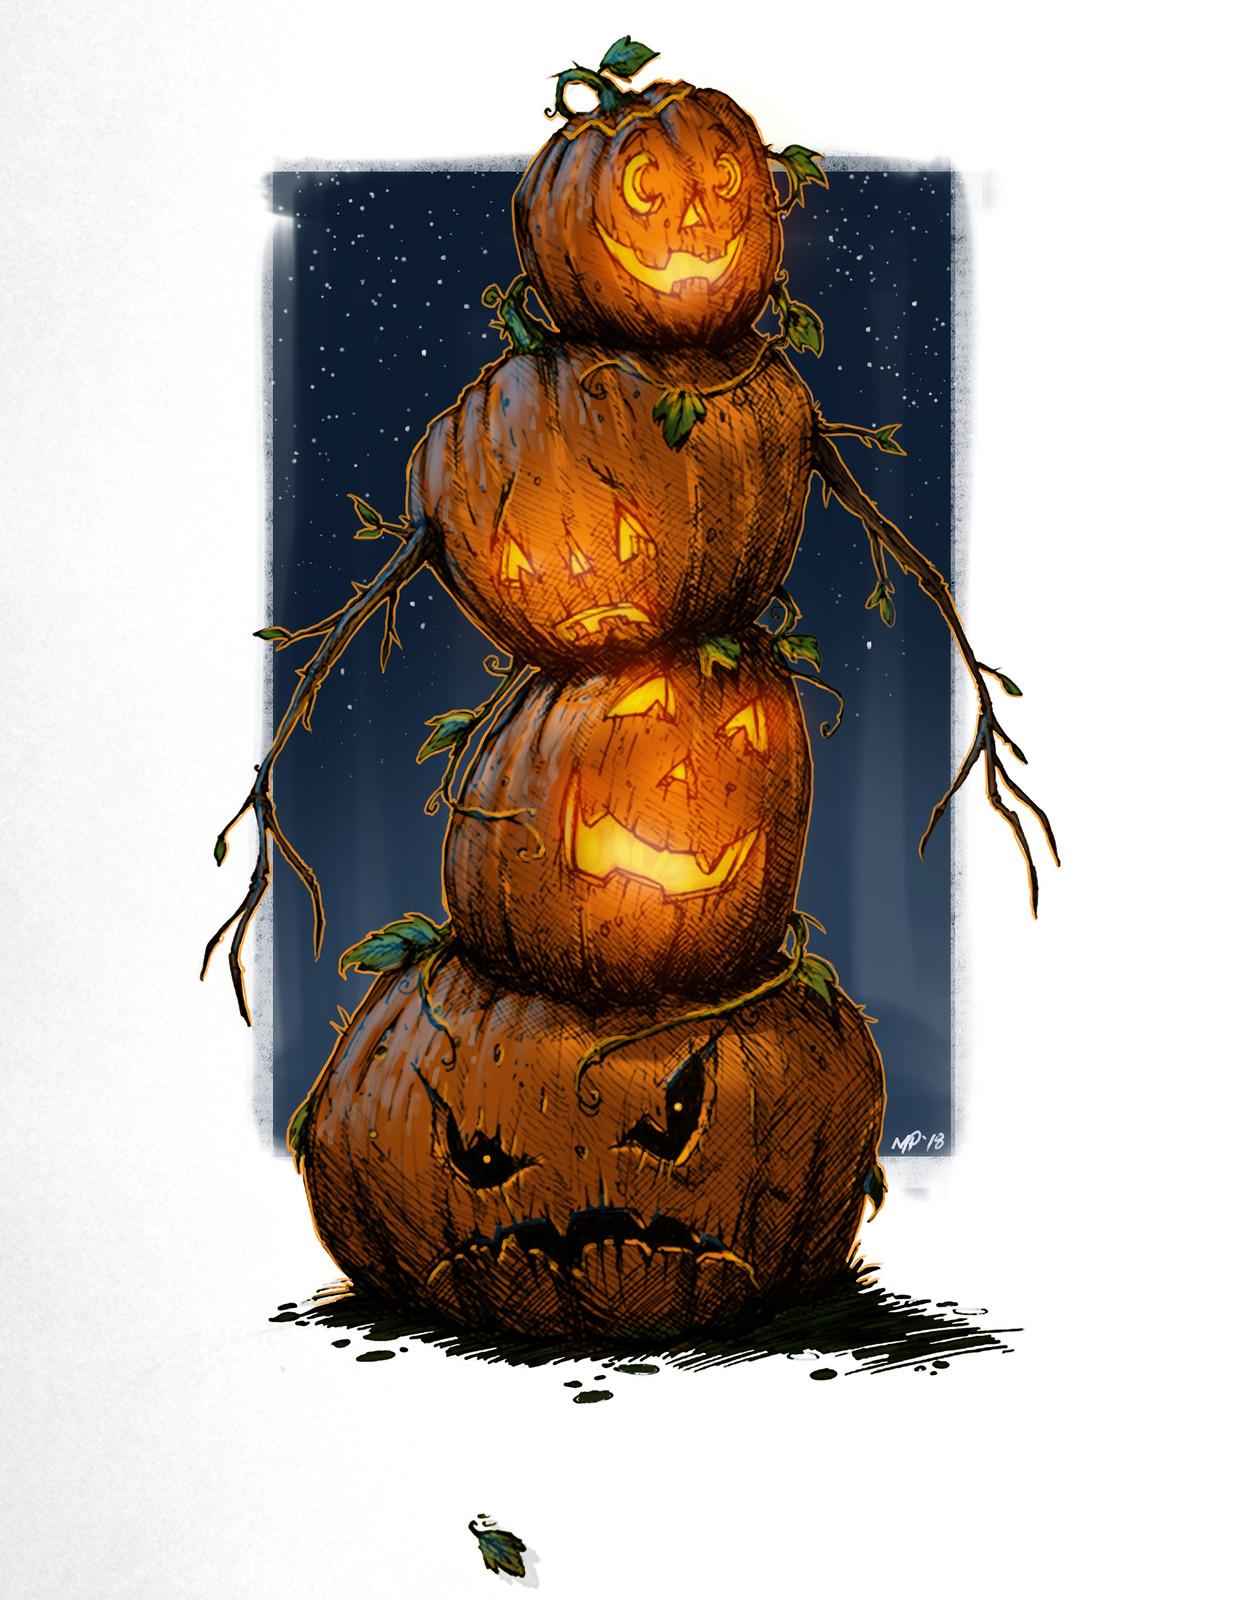 Pumpkin Man!